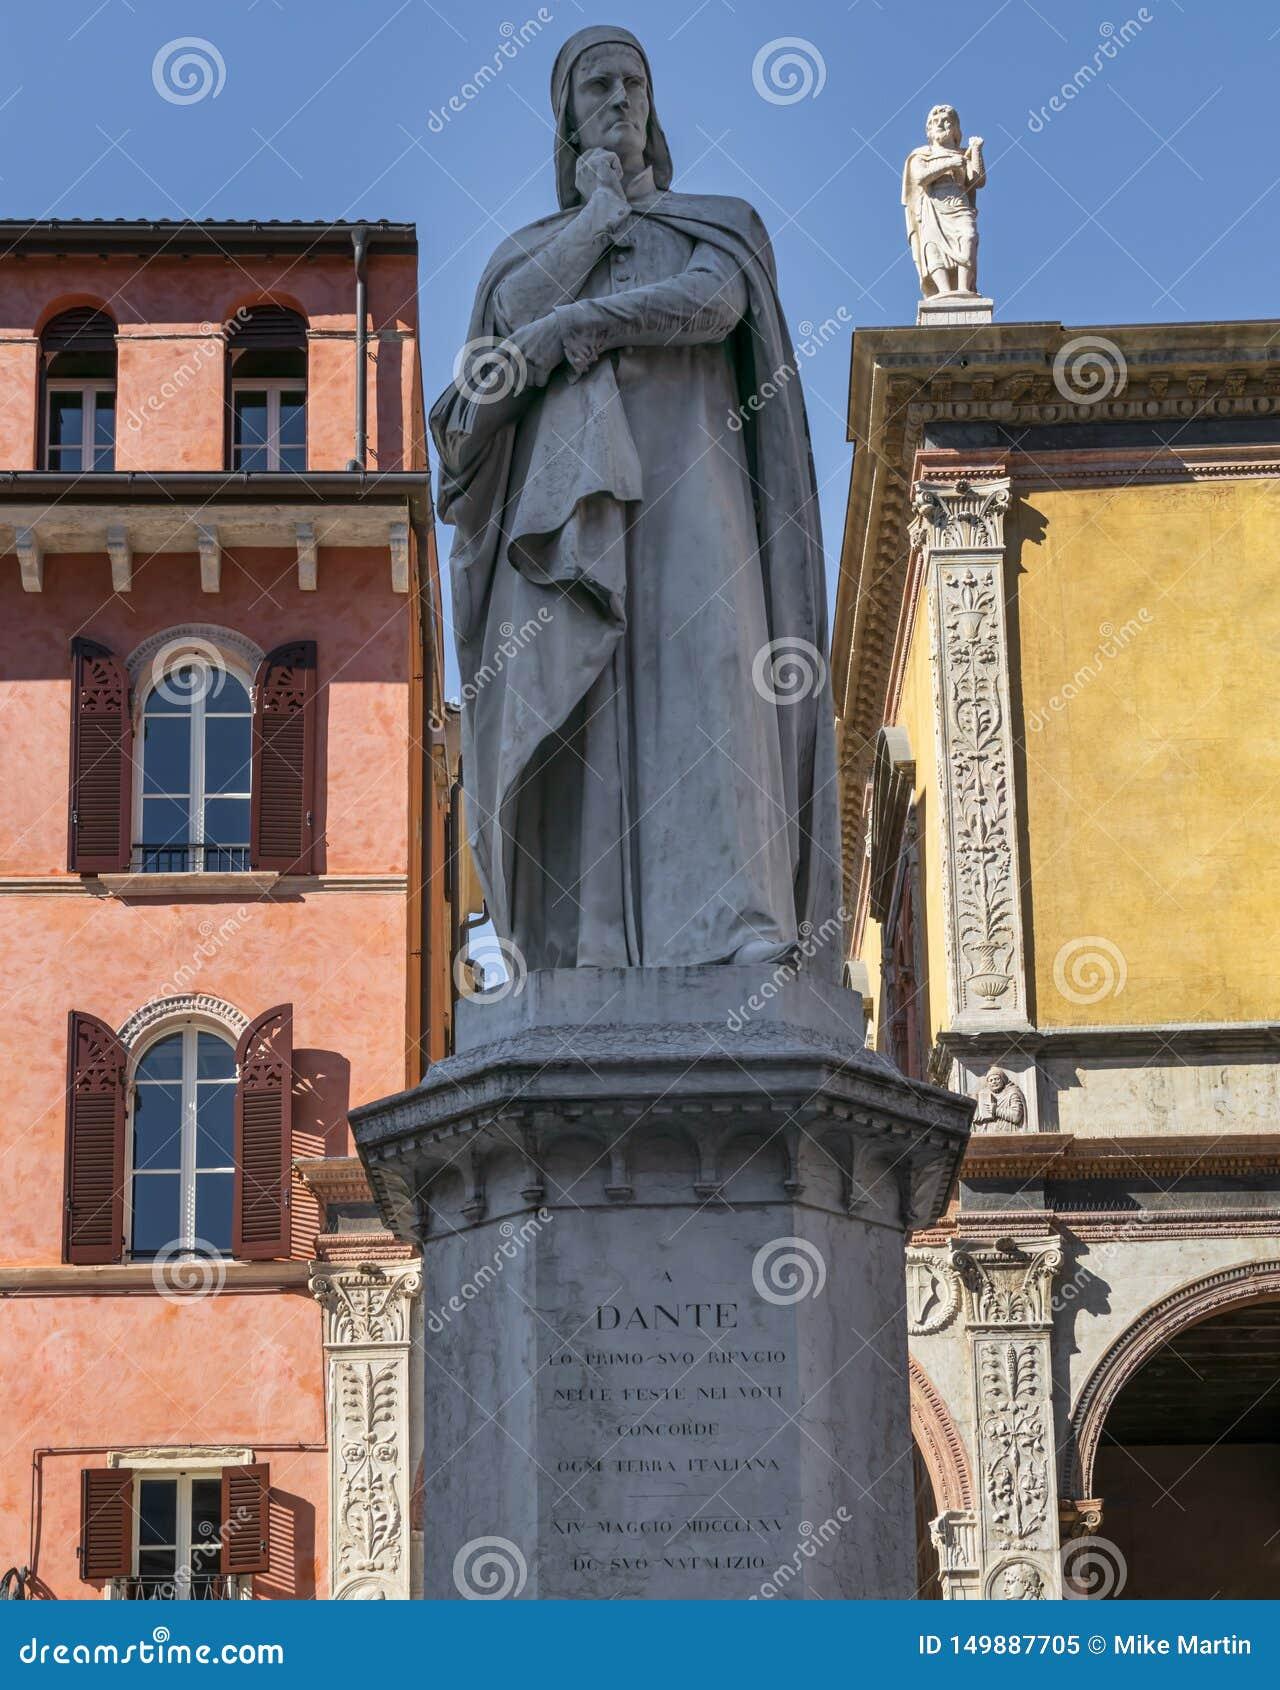 Статуя Dante в Вероне